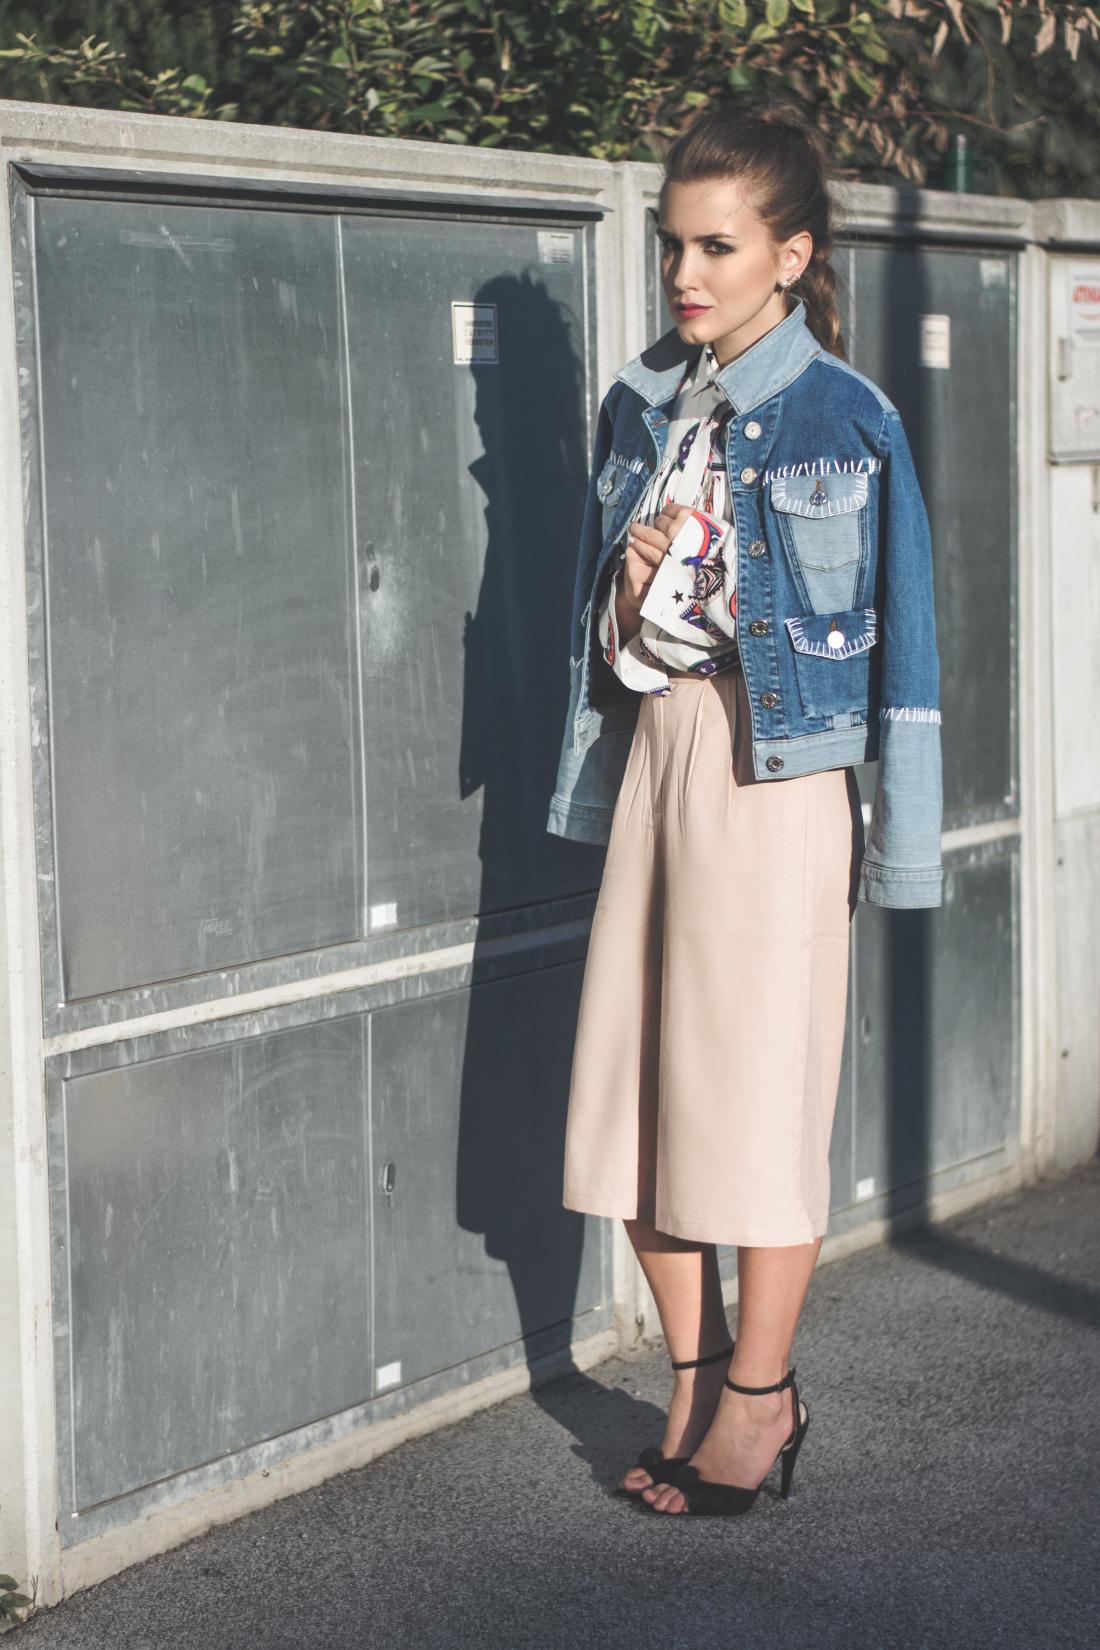 Culottes Outfit Inspiration via Fleur de Mode